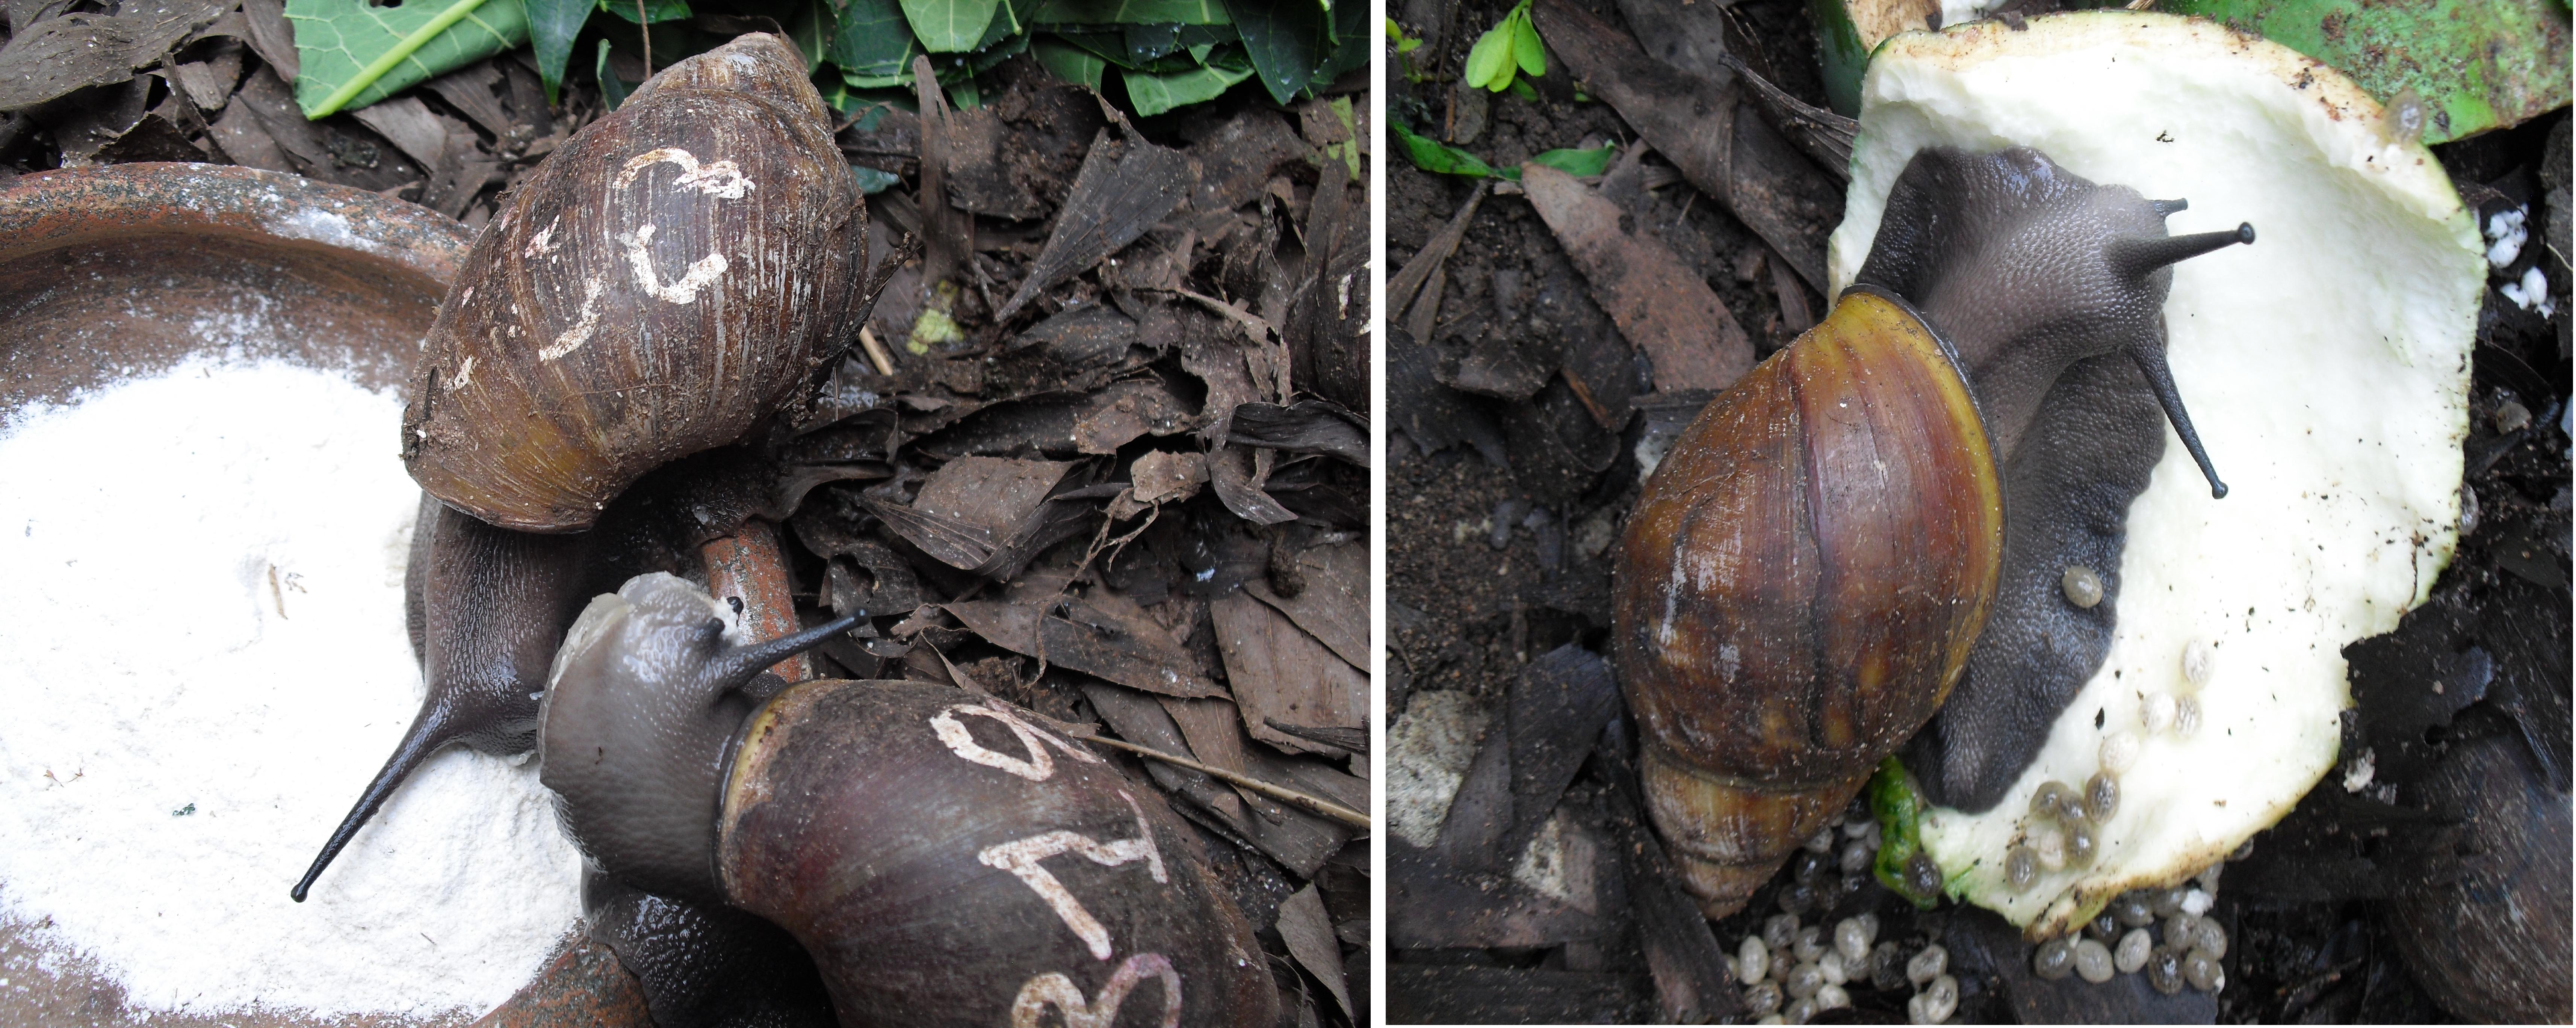 Elevage D'escargot Au Bénin : Un Secteur D'avenir | Le Blog concernant Elevage Escargot